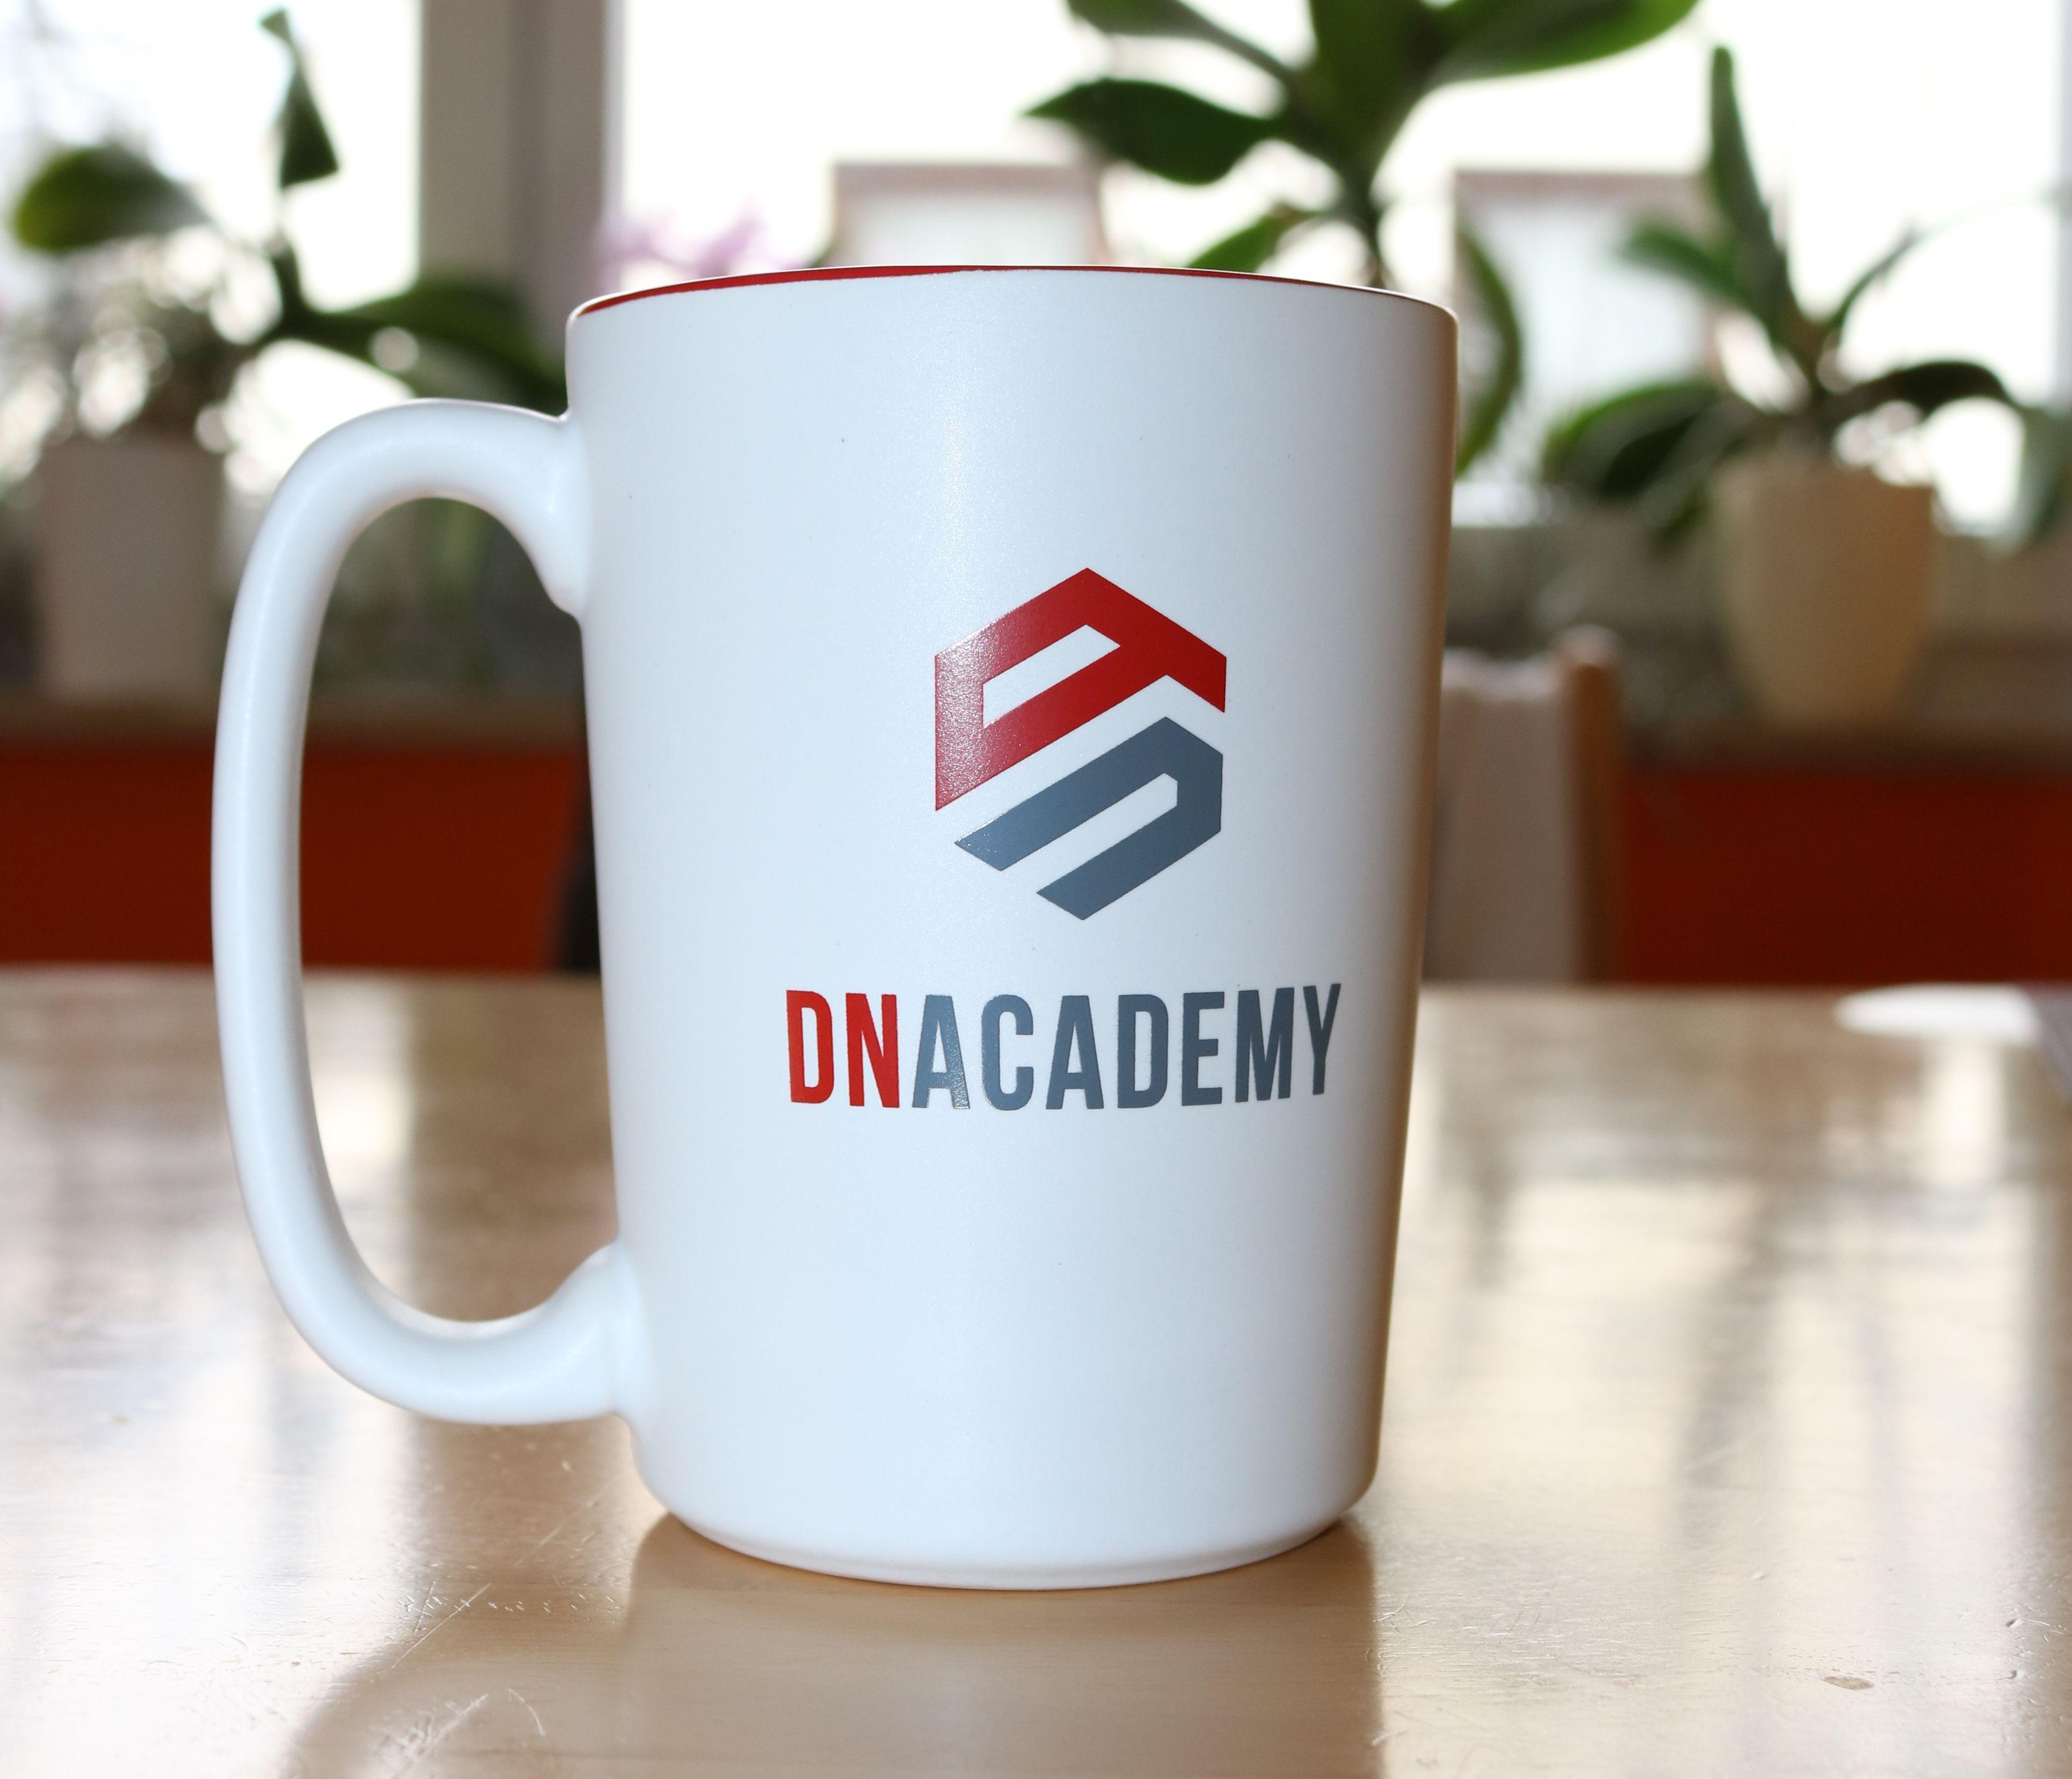 DNAcademy Mug